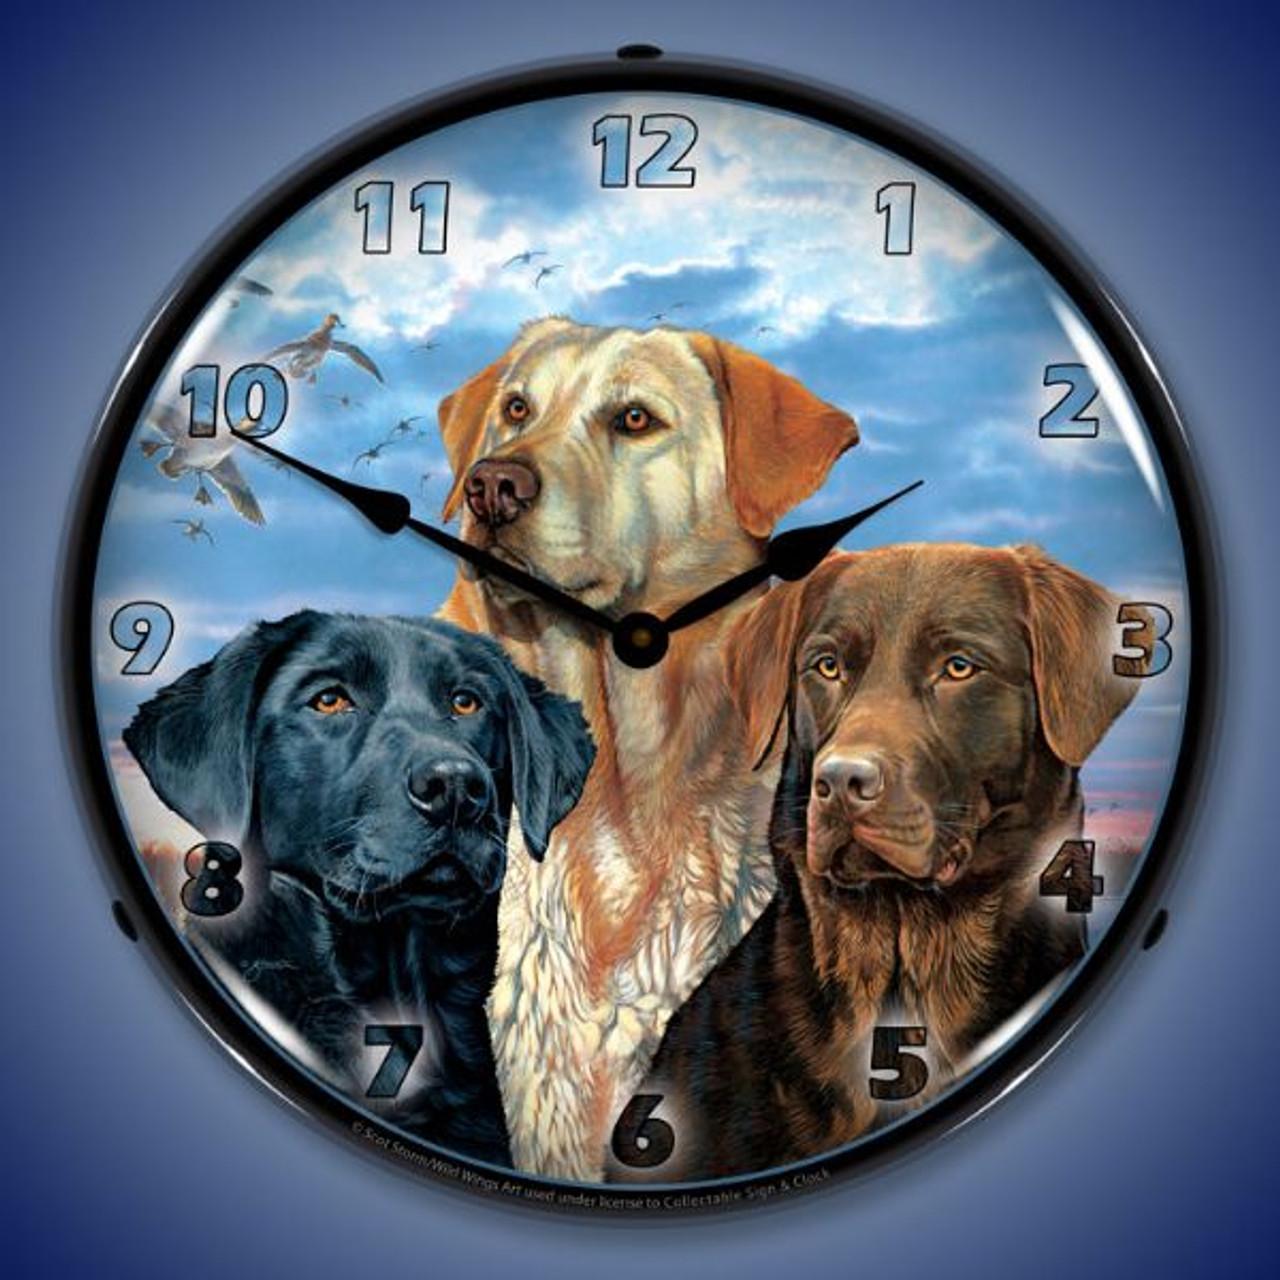 Labrador Retriever Lighted Wall Clock 14 x 14 Inches